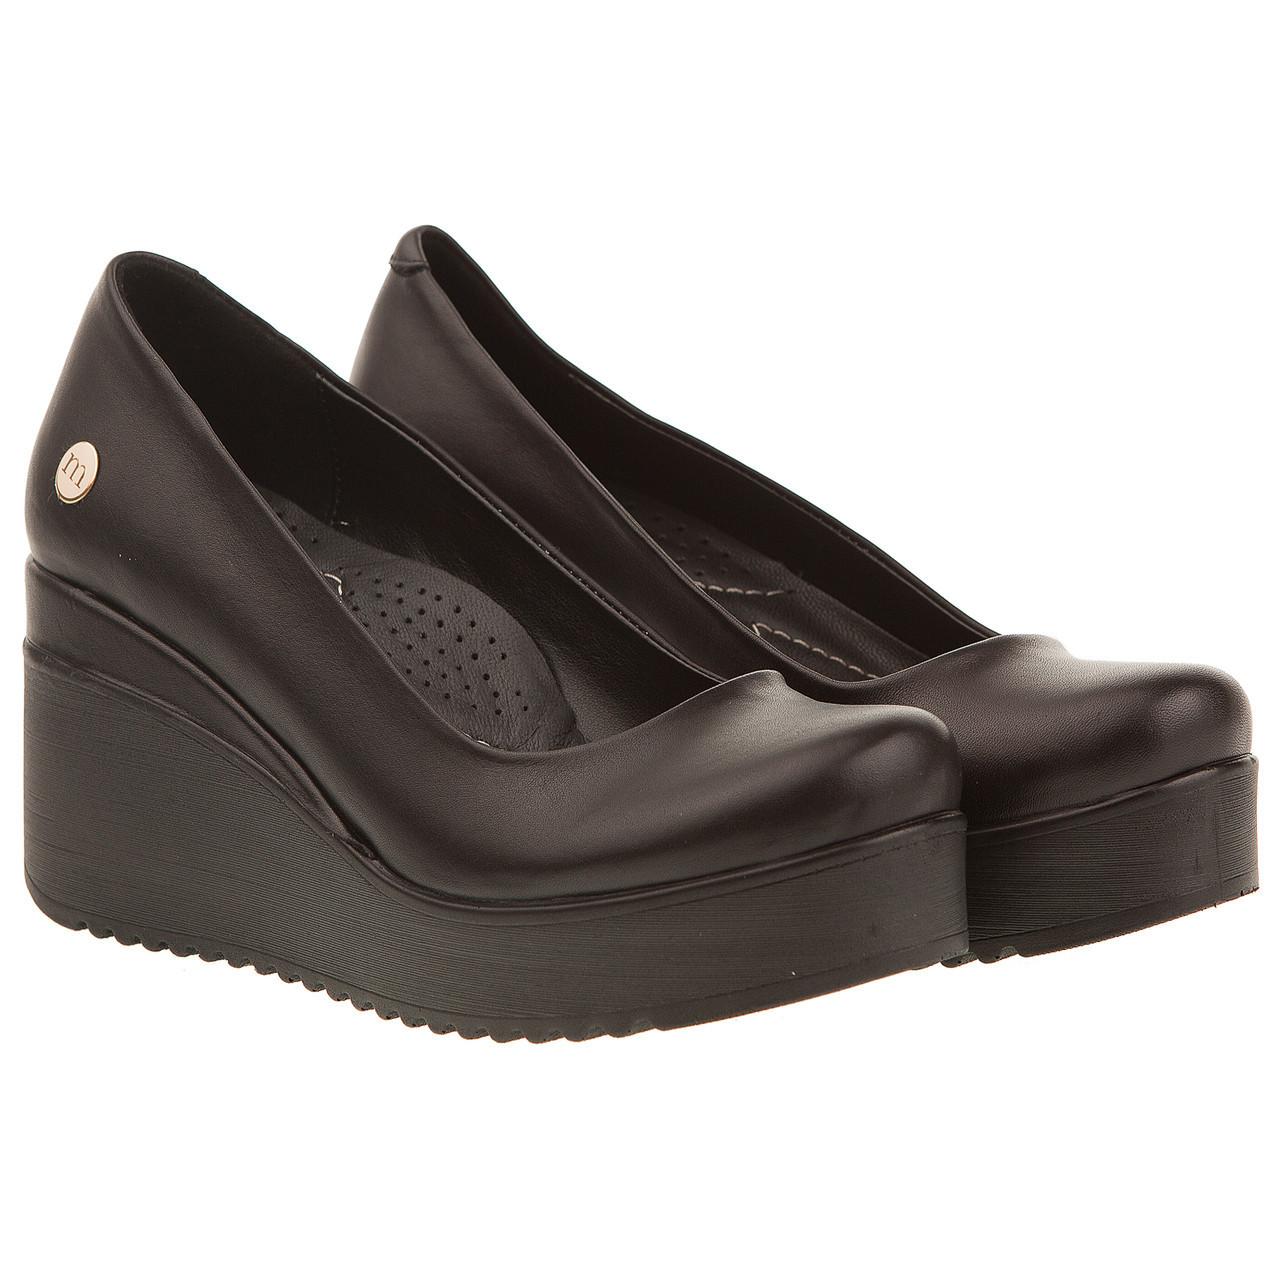 5ee9bbb23 Туфли женские Mamma Mia (кожаные, черные, на танкетке, модные, удобные,